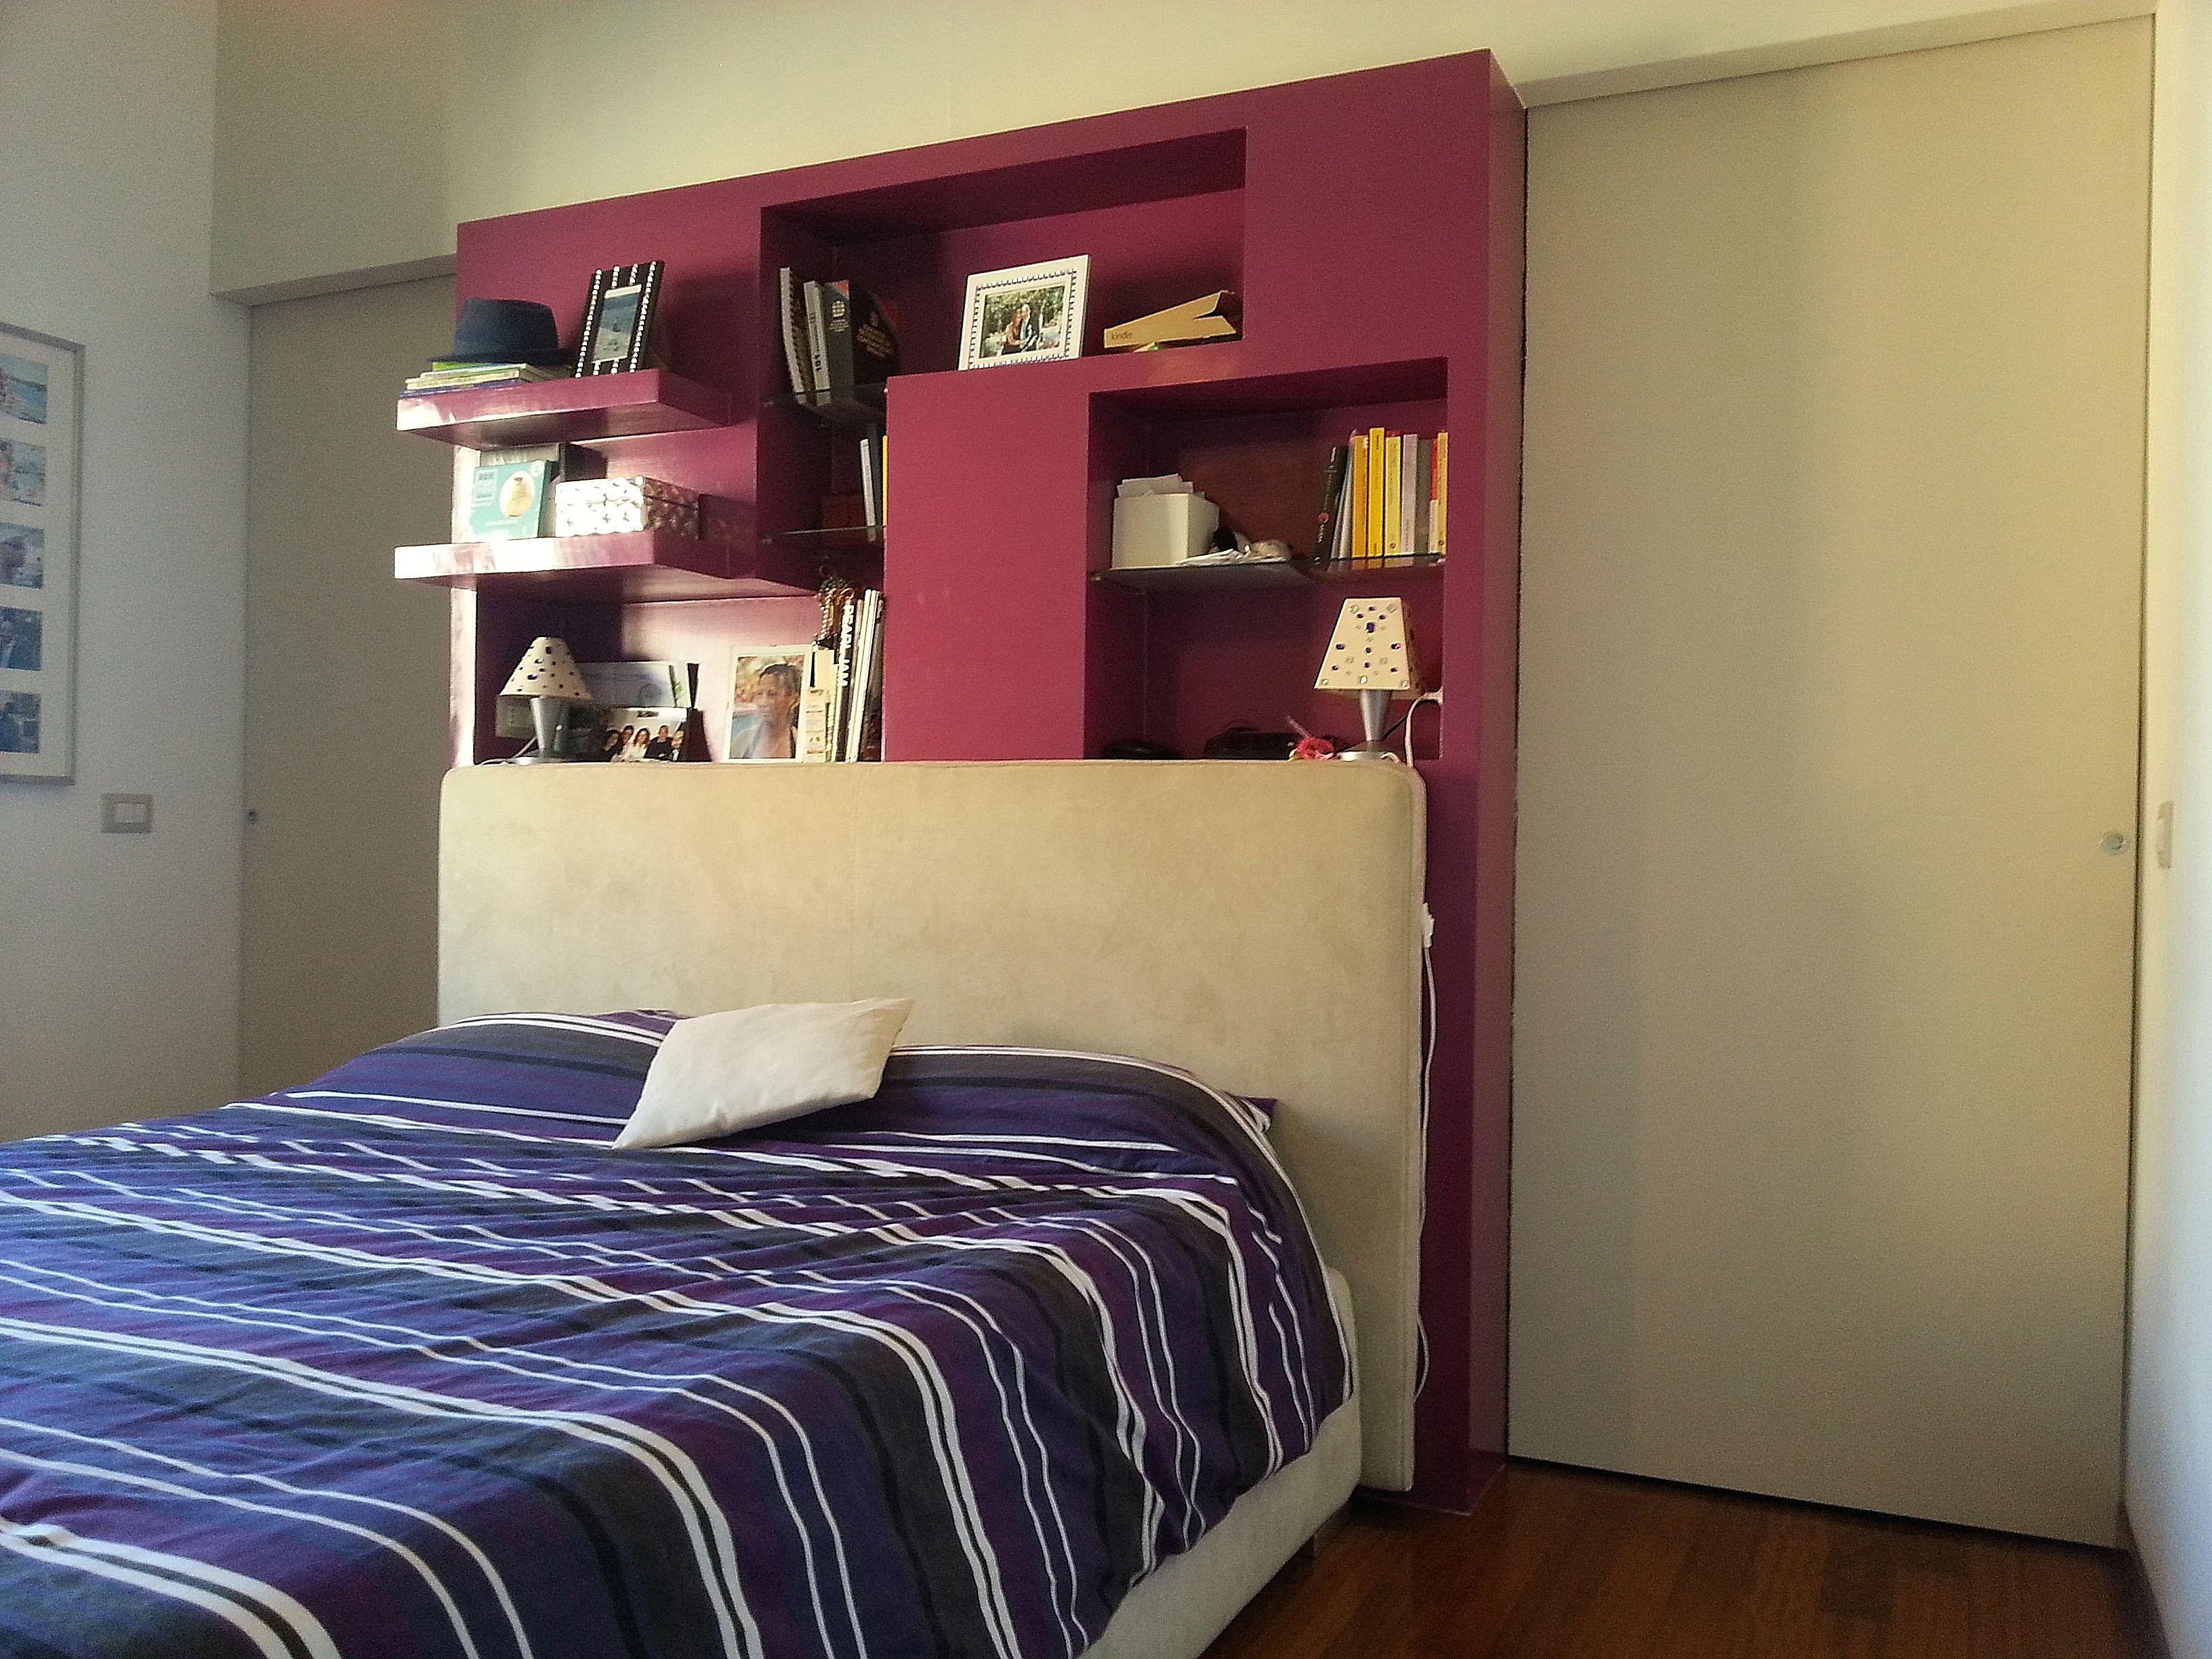 Cabine Armadio In Cartongesso : Le cabine armadio cartongesso sono una buona scelta? bedroom